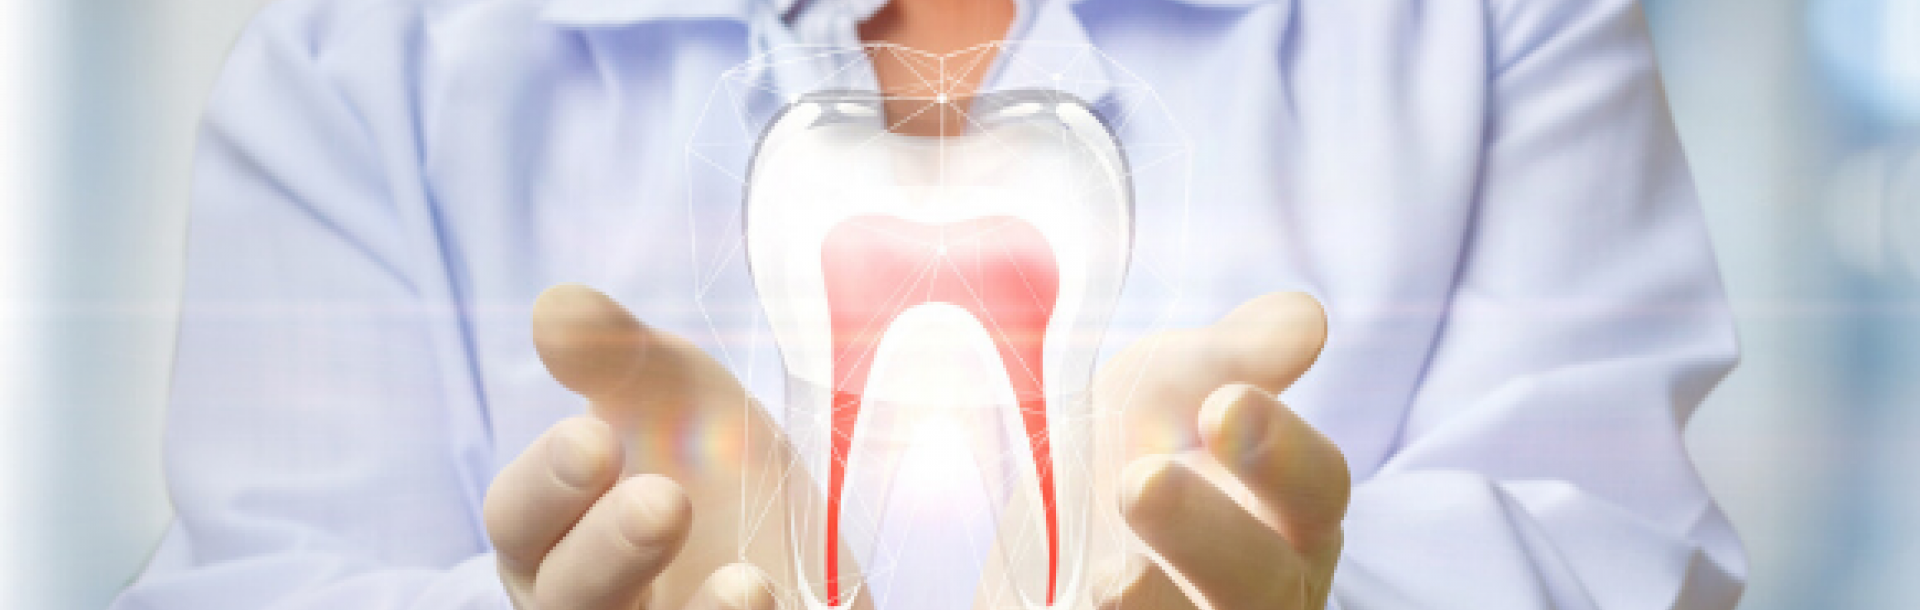 גיוס סגל אקדמי לבית ספר לרפואת שיניים